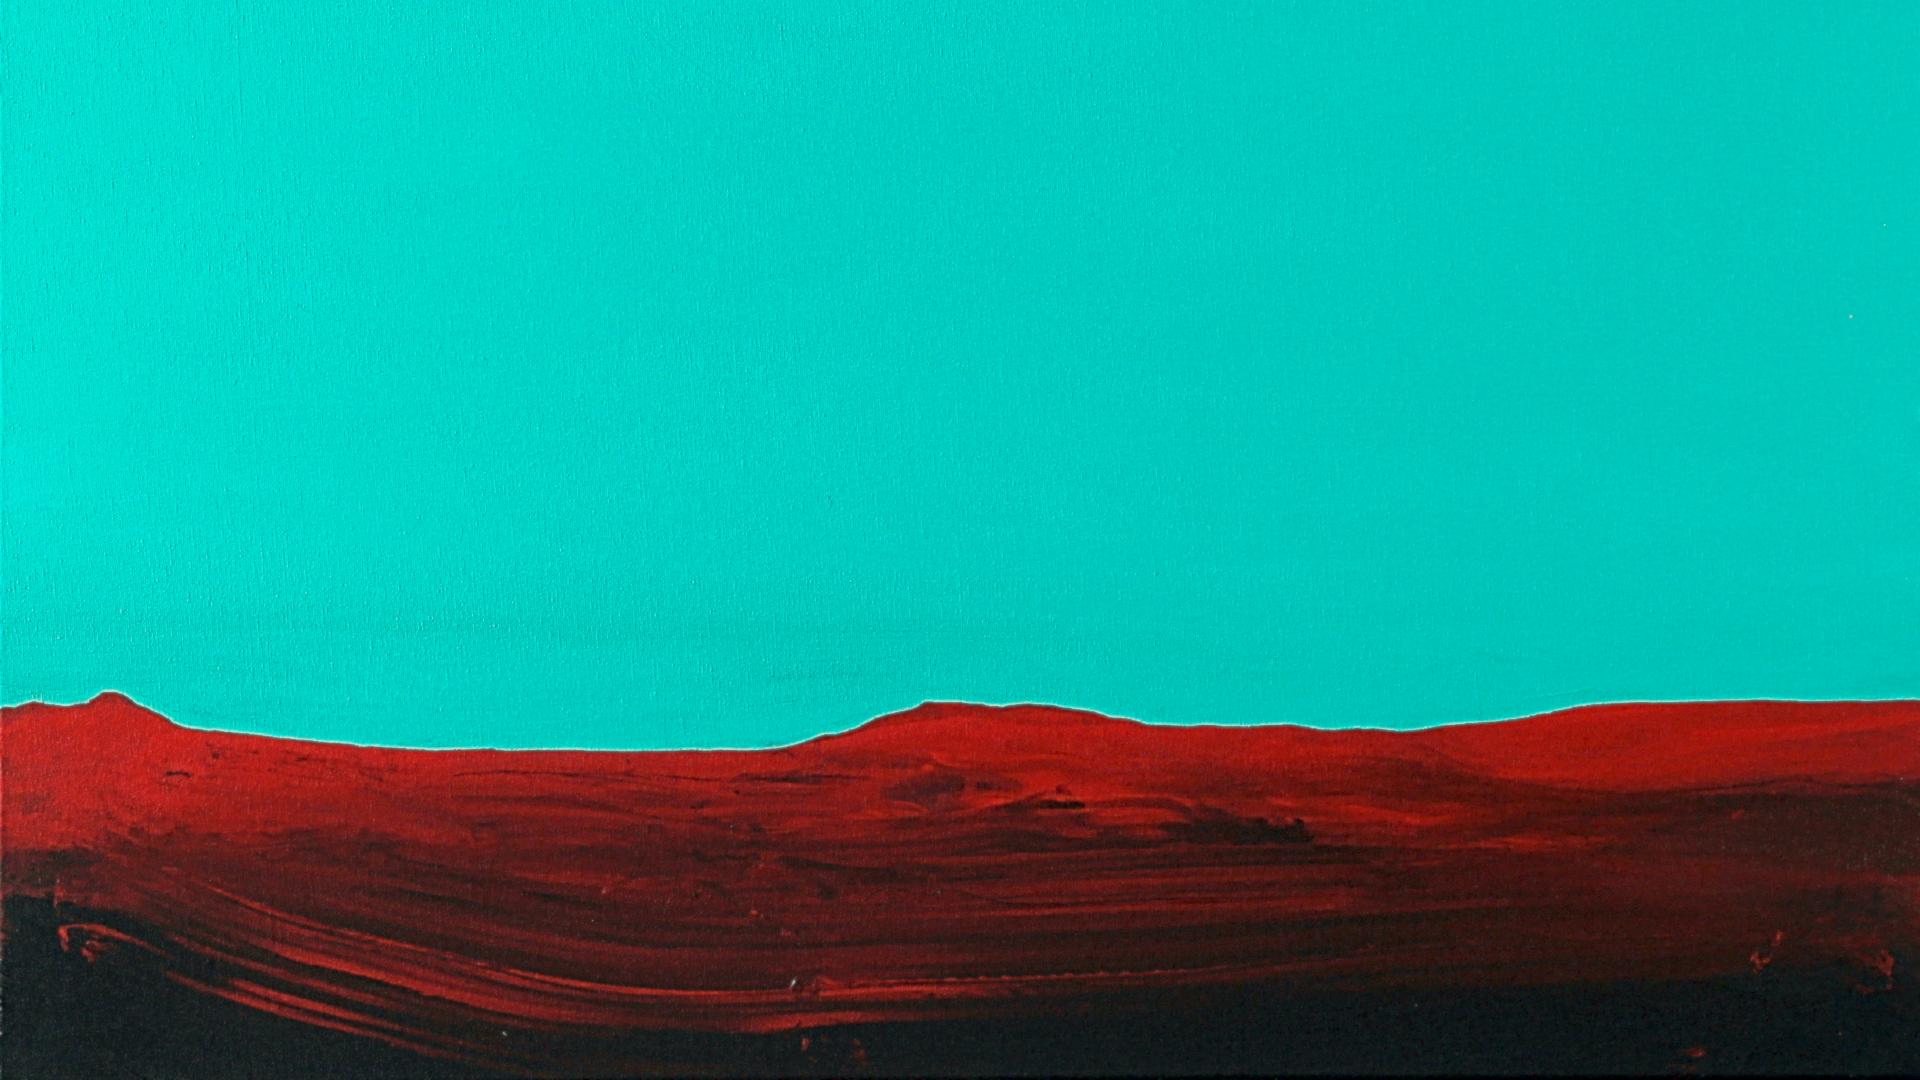 Sini-Meri Hedberg: The Waste Land